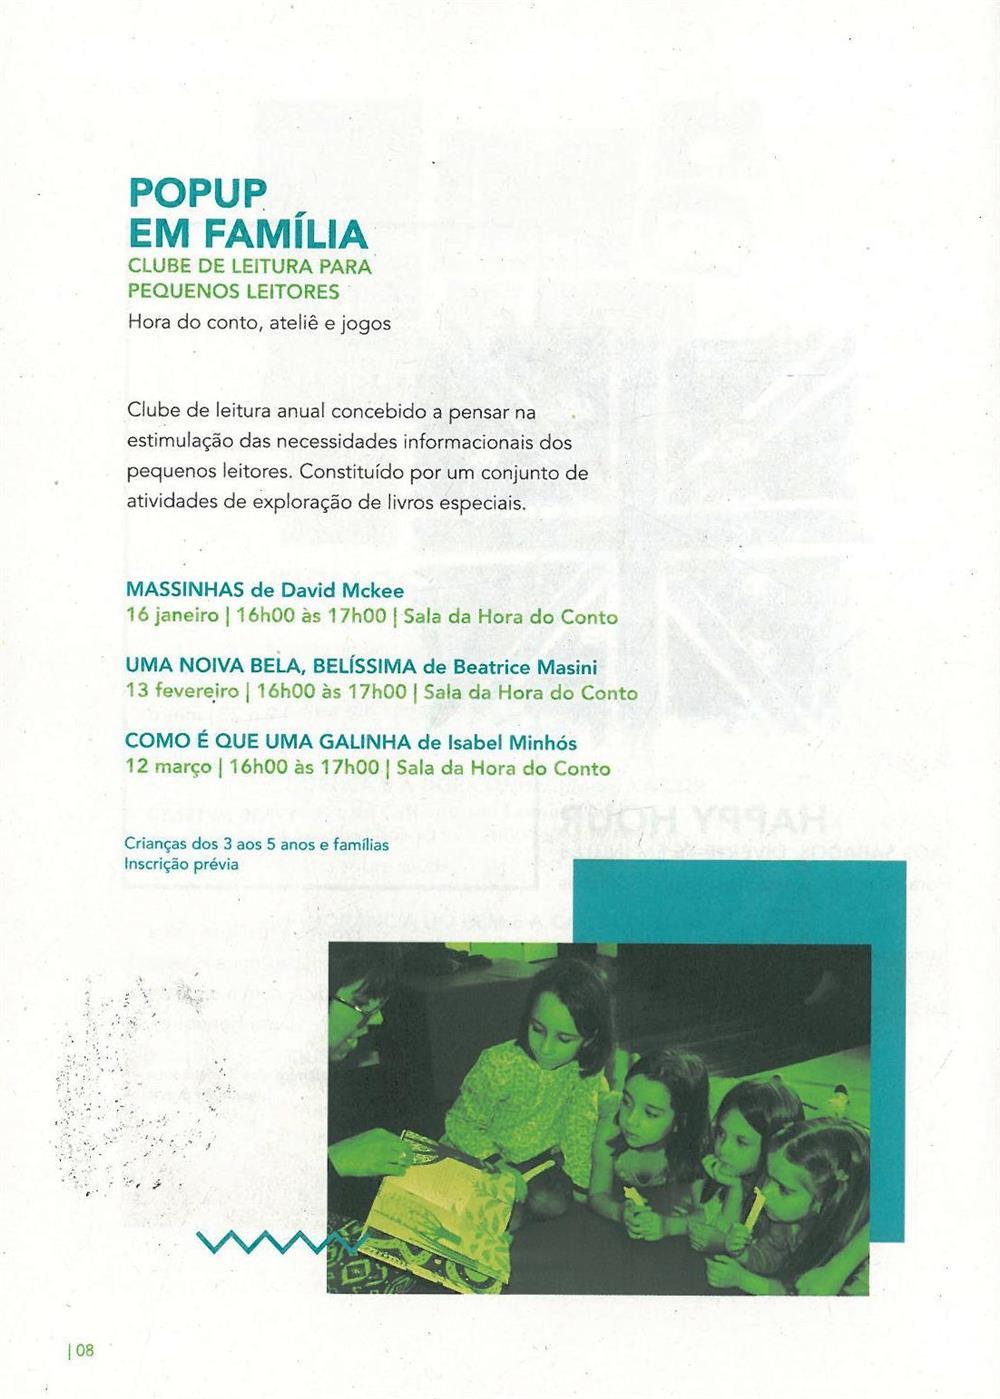 ACMSV-jan.,fev.,mar.'16-p.8-Popup em Família : clube de leitura para pequenos leitores : hora do conto : ateliê e jogos.jpg